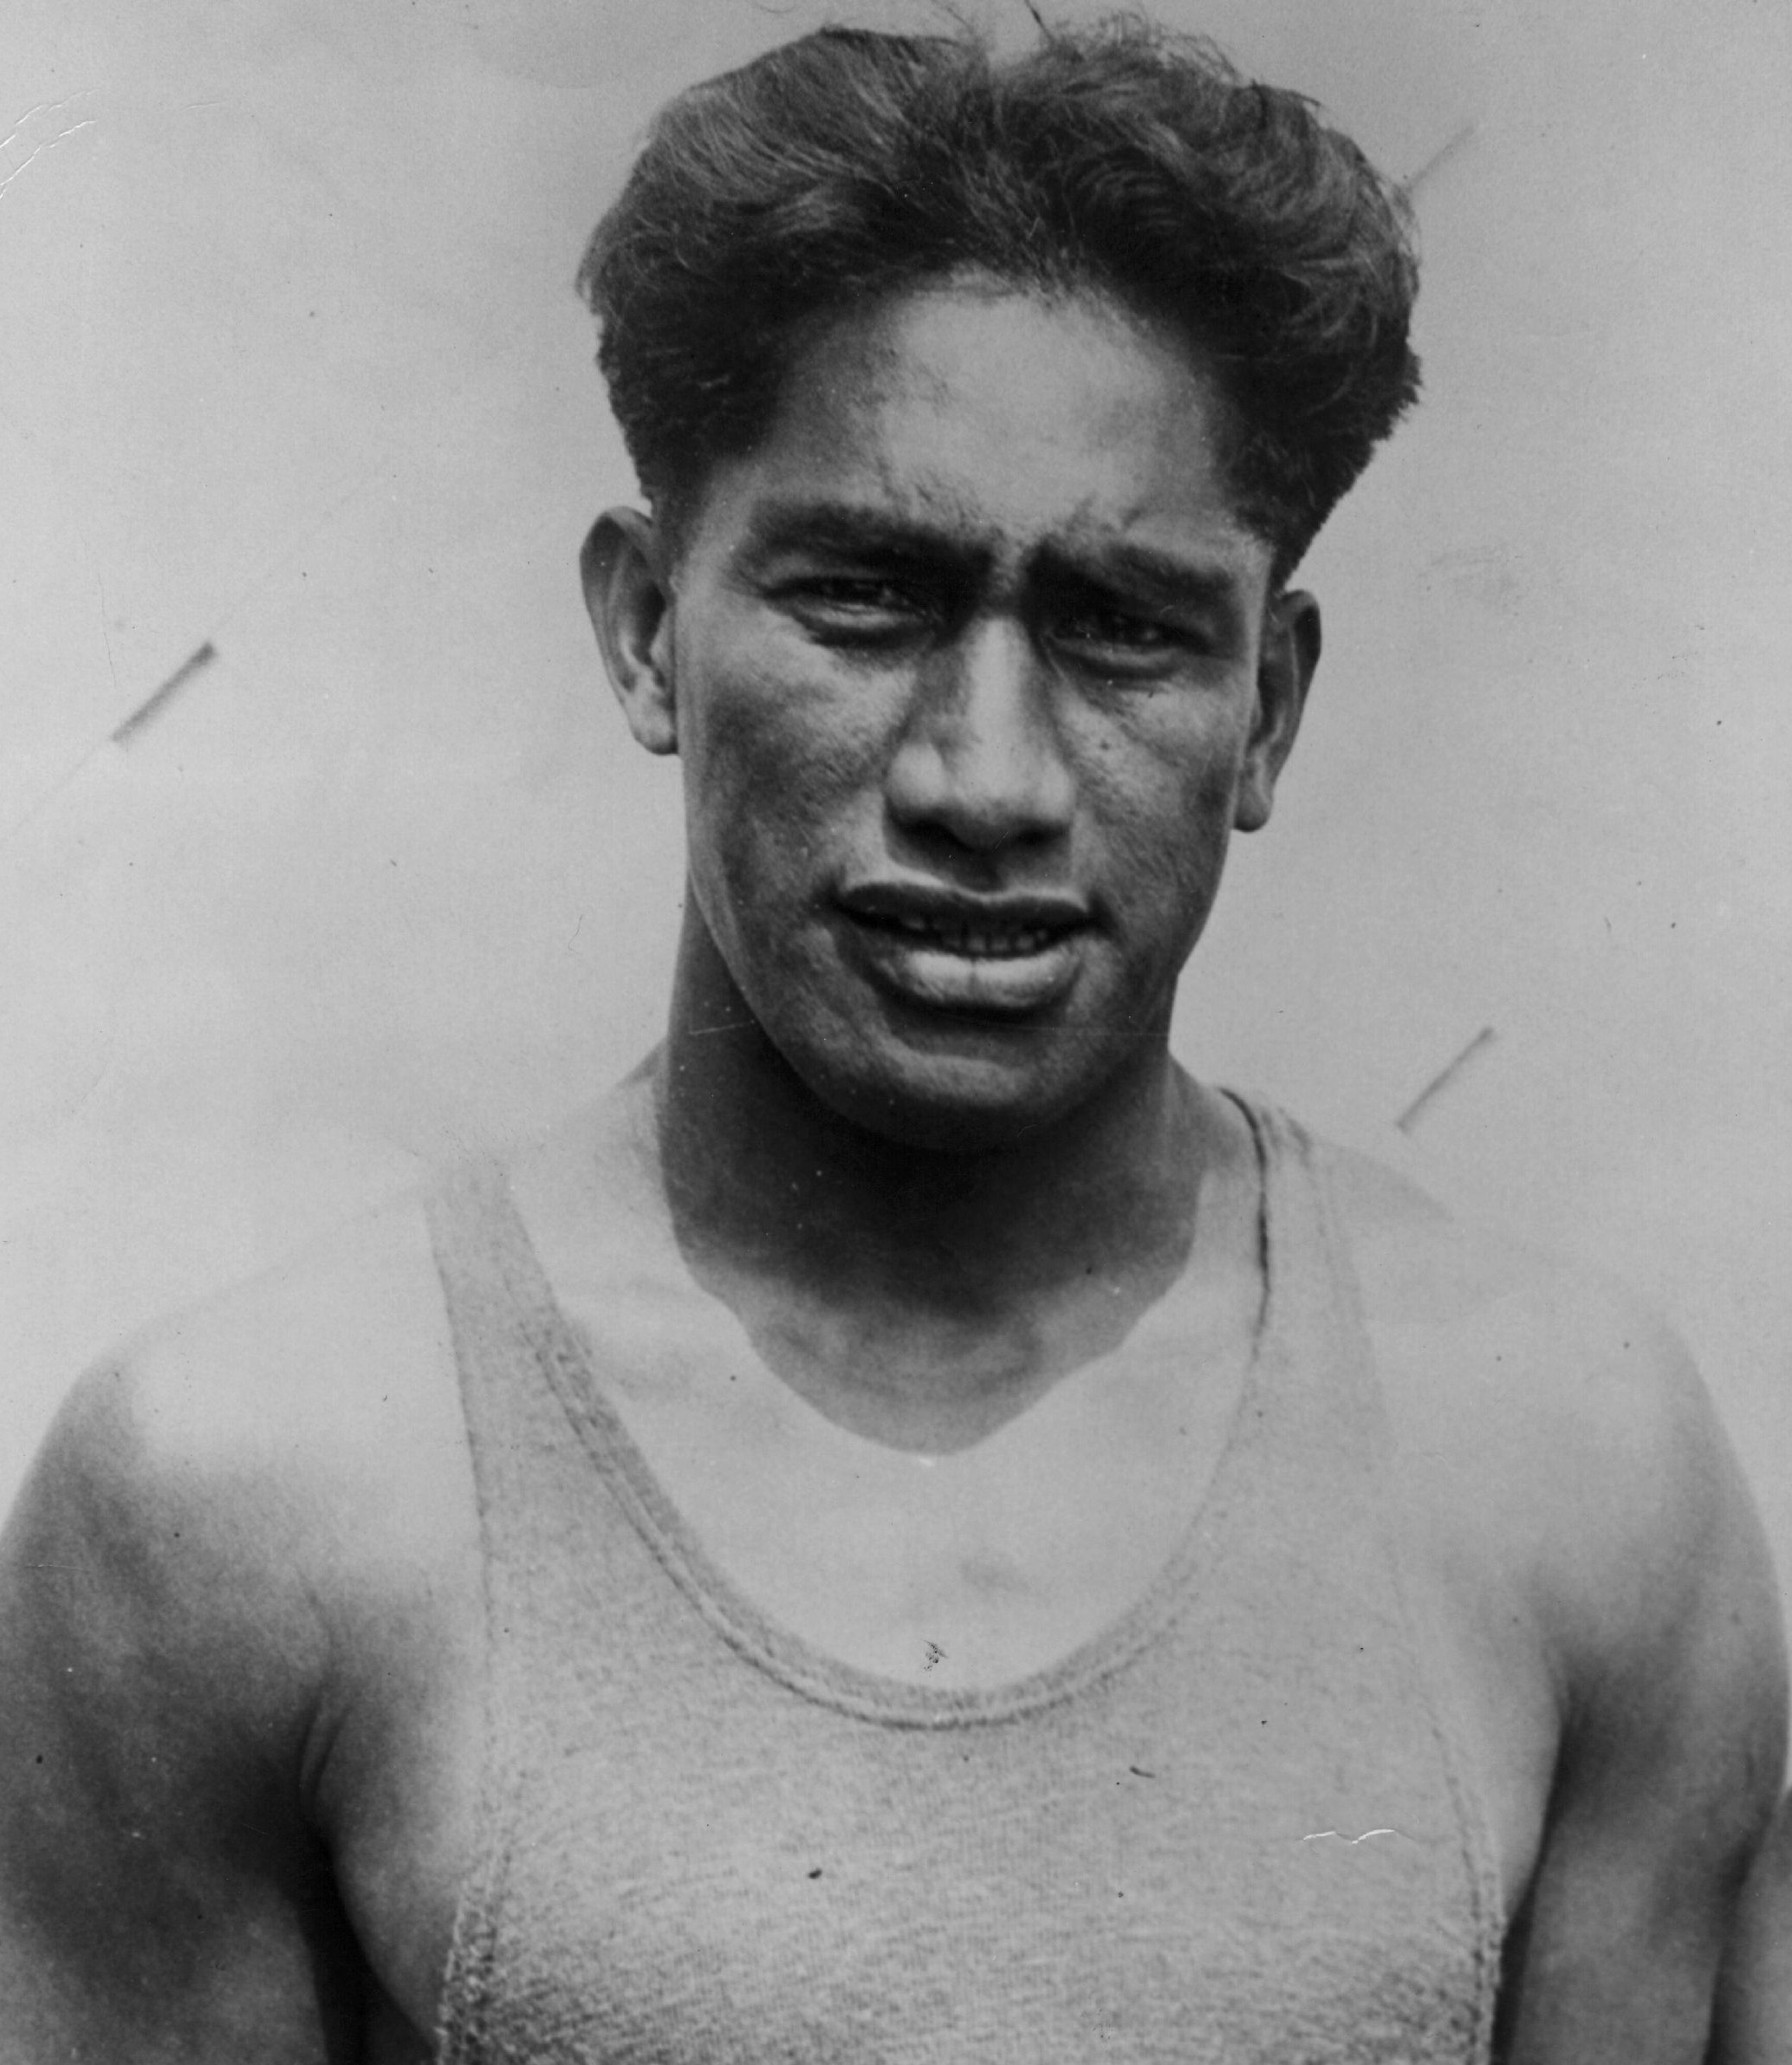 Duke Kahanamoku, Duke Kahanamoku's 125th Birthday, Duke Kahanamoku Google Doodle, Duke Kahanamoku photos, Duke Kahanamoku surfing, Duke Kahanamoku hawaii